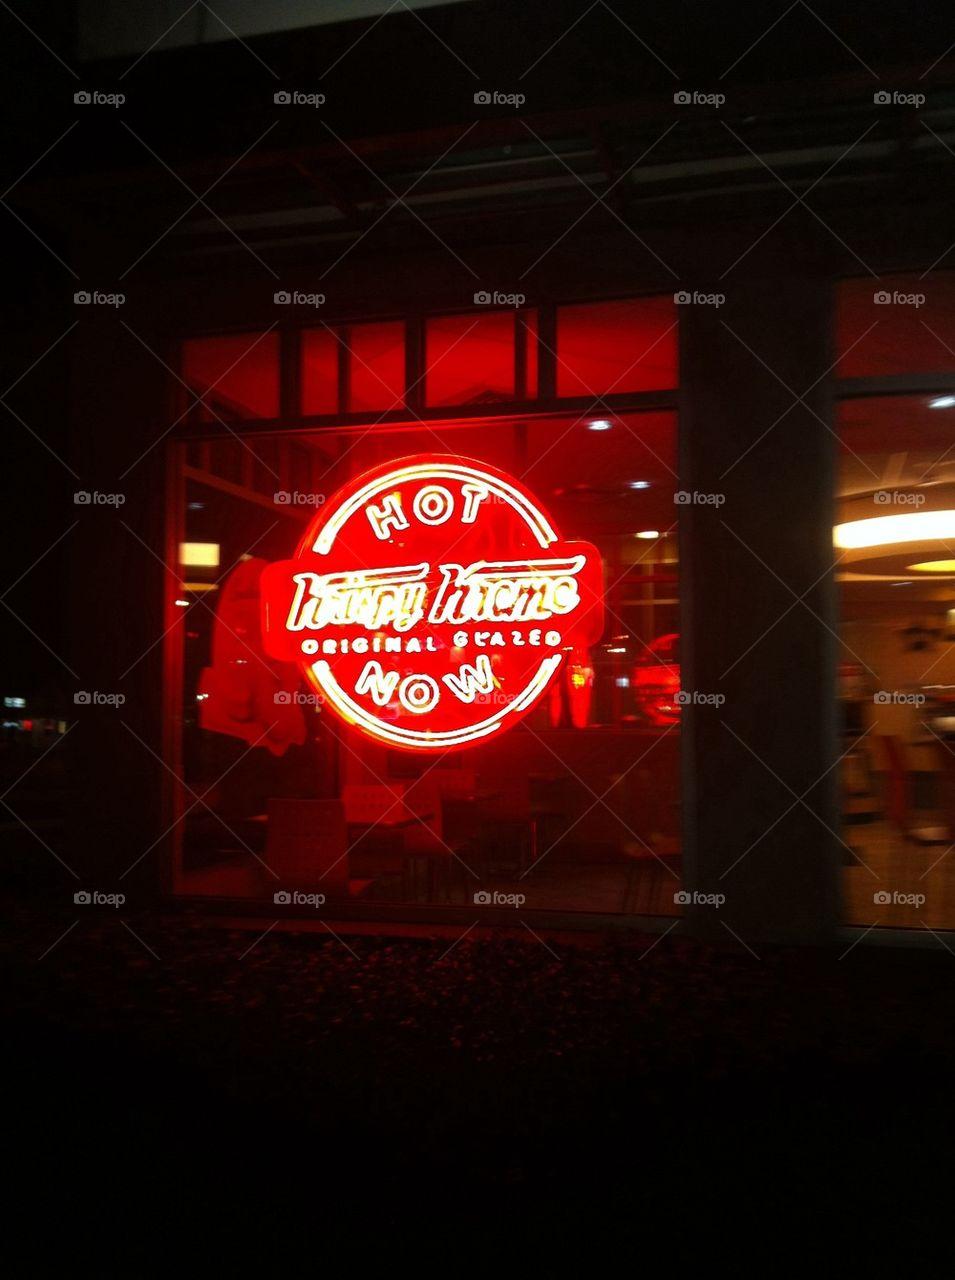 Hot fresh Krispy Kreme